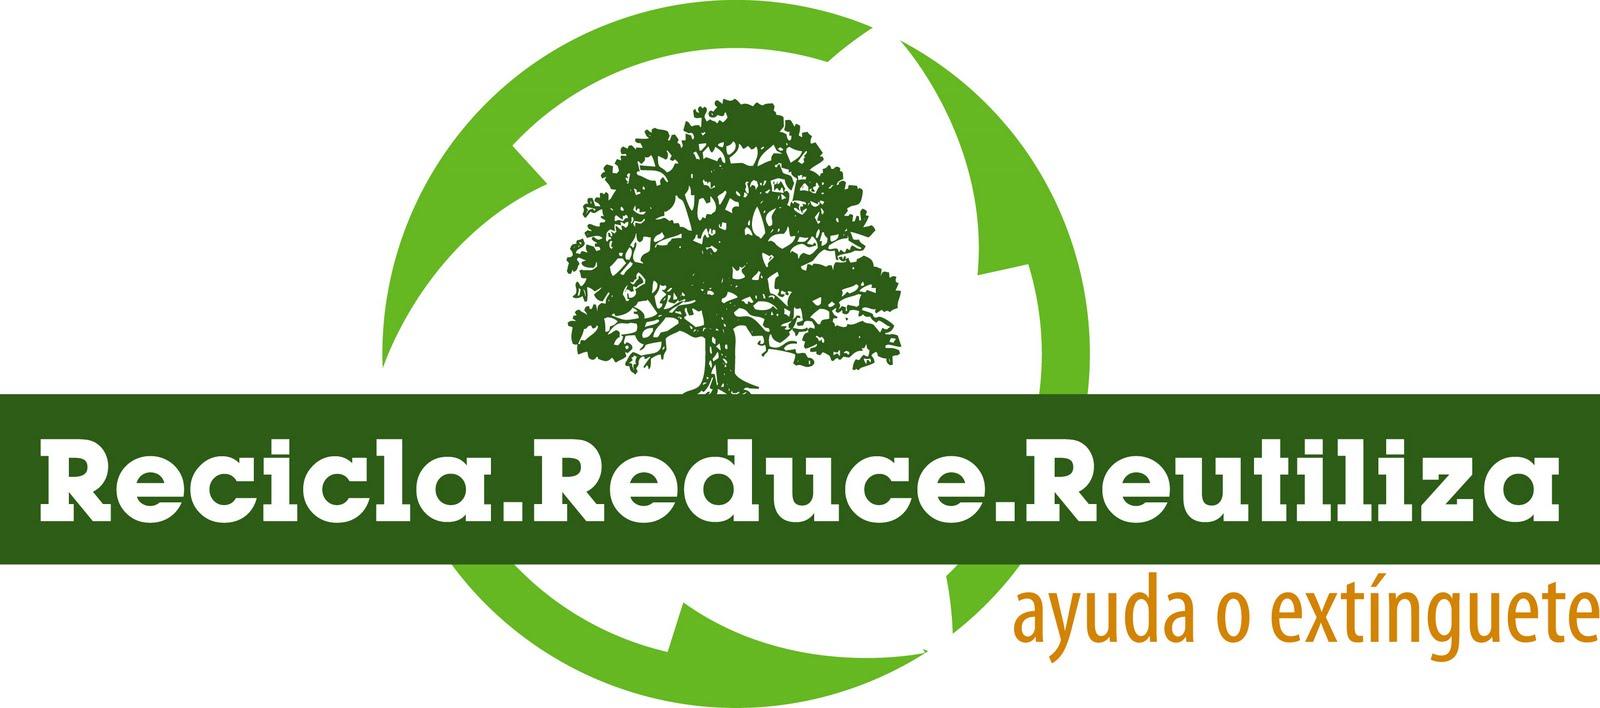 Matching Columns Game REDUCE, REUTILIZA, RECICLA. ambiente, reducir, reducir reutilizar reciclar. Giovanny Giraldo. ACTIVIDAD PARA COMUNIDAD DE TODAS LAS EDADES PARA CREAR UN POCO DE CONCIENCIA DEL BUEN USO DE LOS RESIDUOS SÓLIDOS A LA .